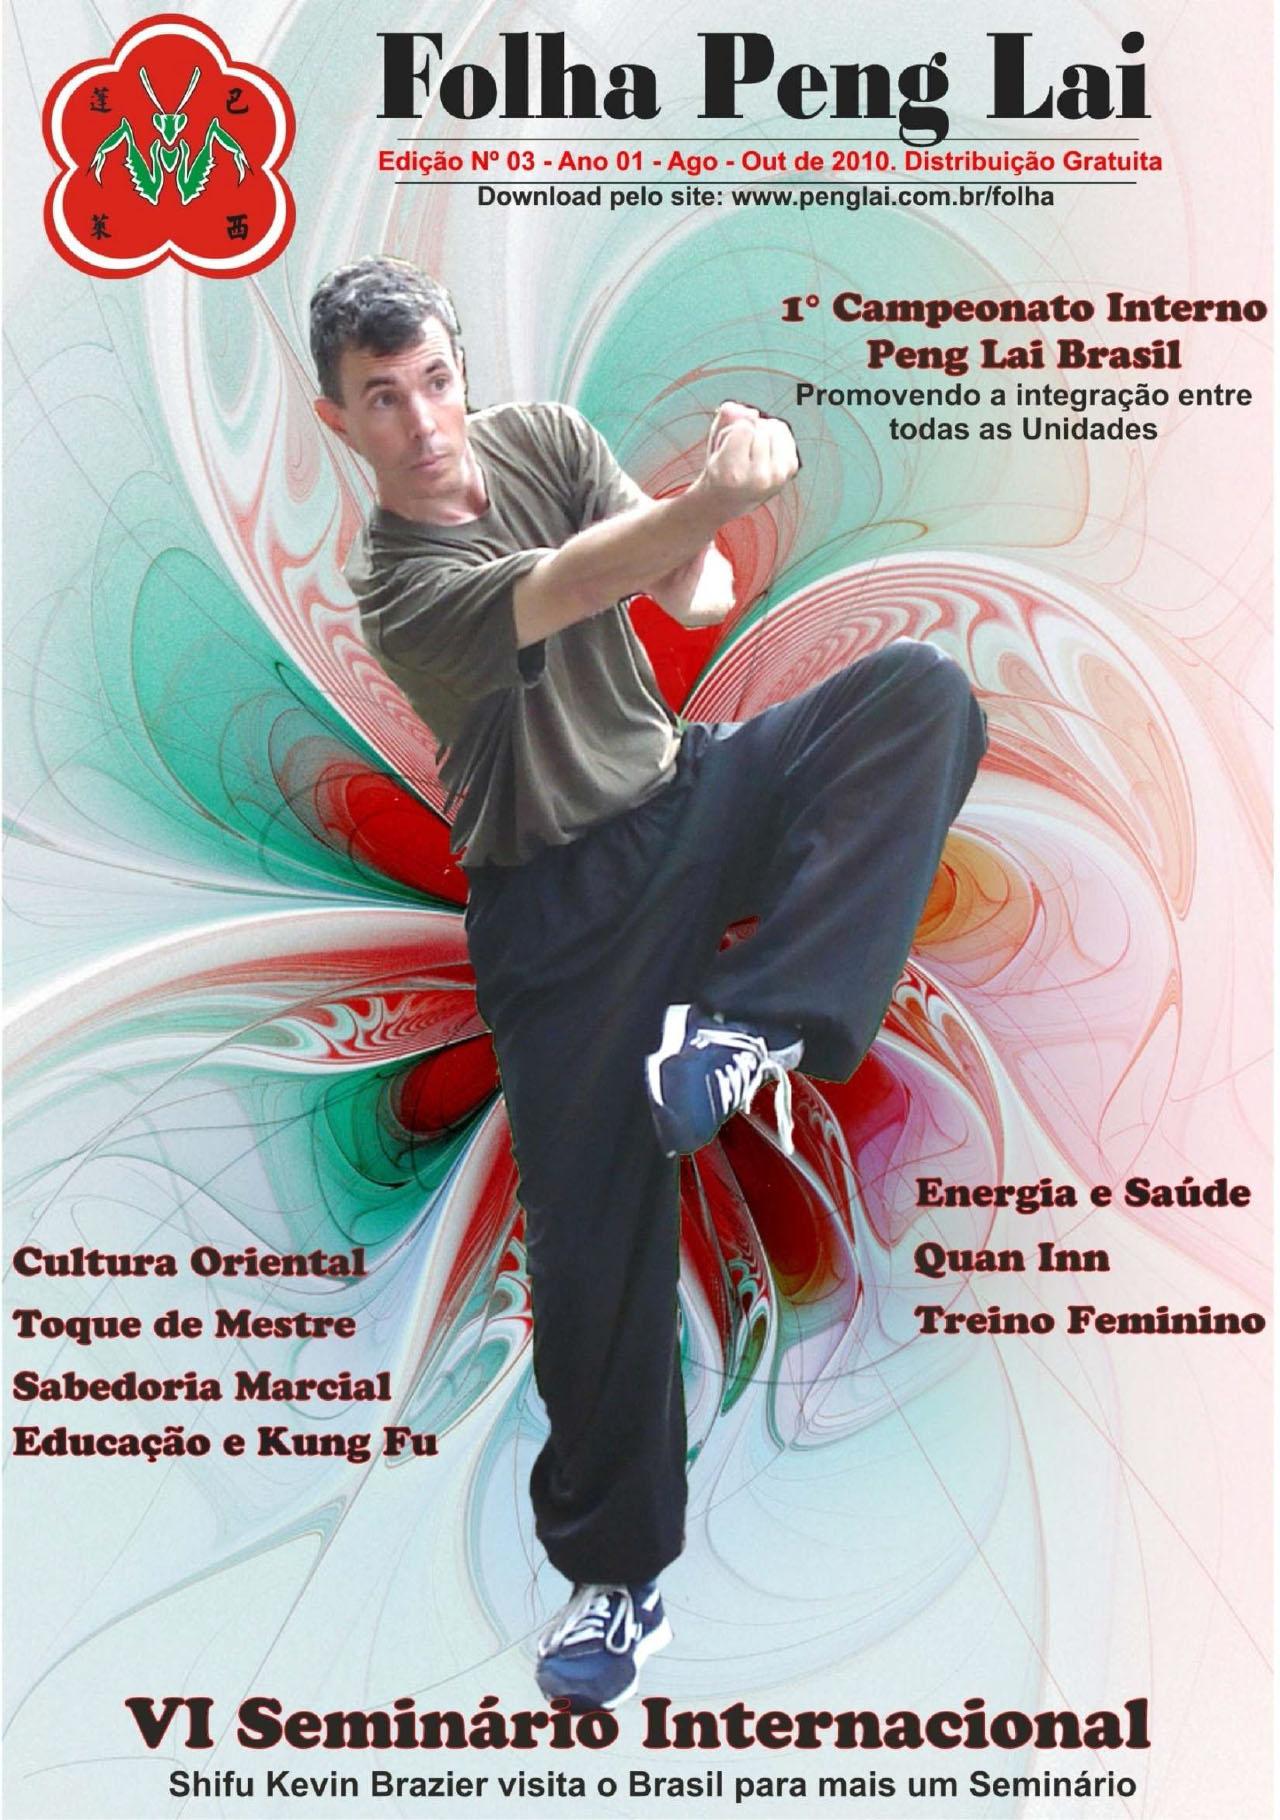 Folha Peng Lai - Edição 3